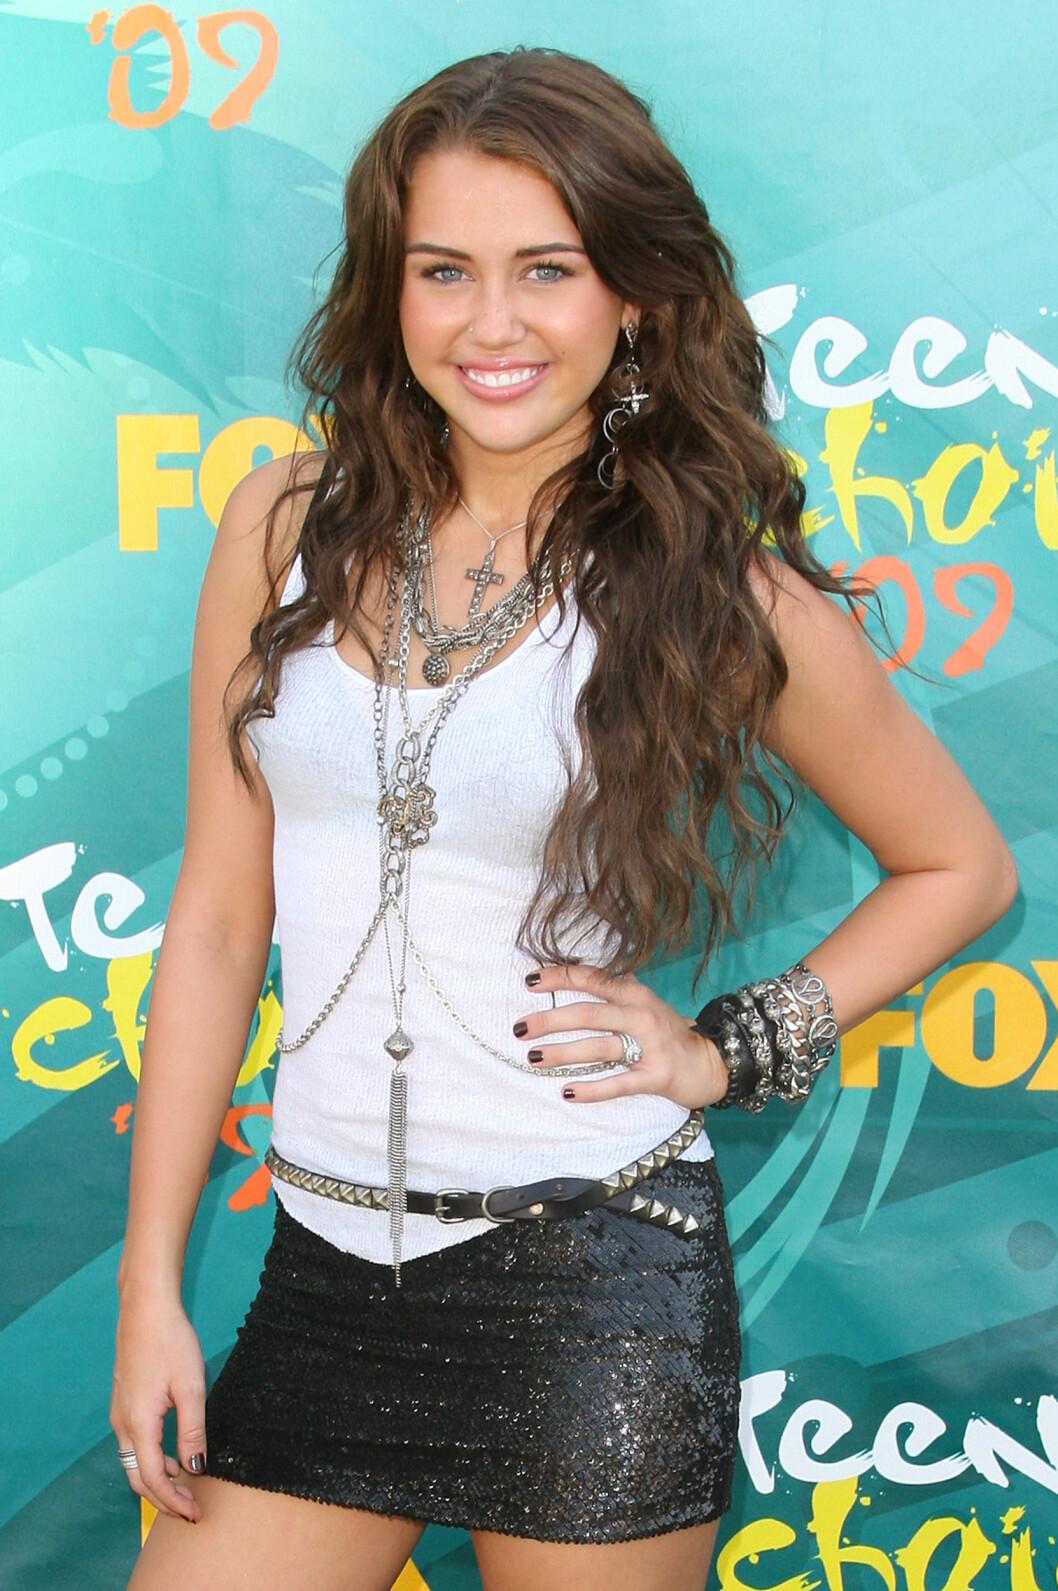 VOKSER OPP: I 2009 begynte Miley å kle seg noe mer «edgy», og korte skjørt var en stor den av den unge stjernens garderobe. Foto: Scanpix